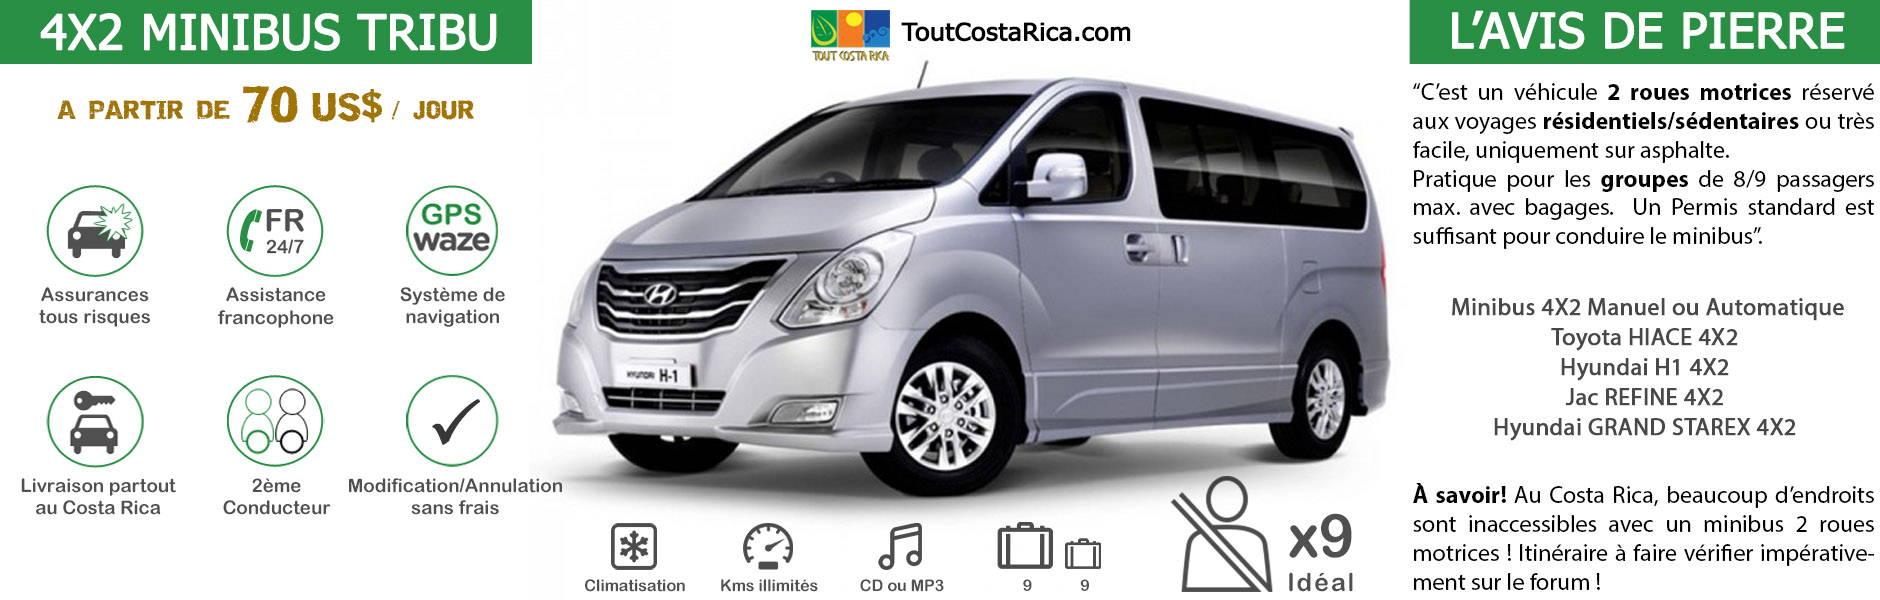 Location voiture 4x2 CLASSE 7 Costa Rica Hyundai H1 9 ADULTES A PARTIR DE 390 US$ / SEMAINE (*) MALIN: TOUT INCLUS! GPS OFFERT ! 2nD CONDUCTEUR KM ILLIMITES ASSURANCES TOUS RISQUES RESA SANS CARTE BANCAIRE ASSISTANCE 24/24 ETC (SIEGES BEBES, rehausseurs, surf…)